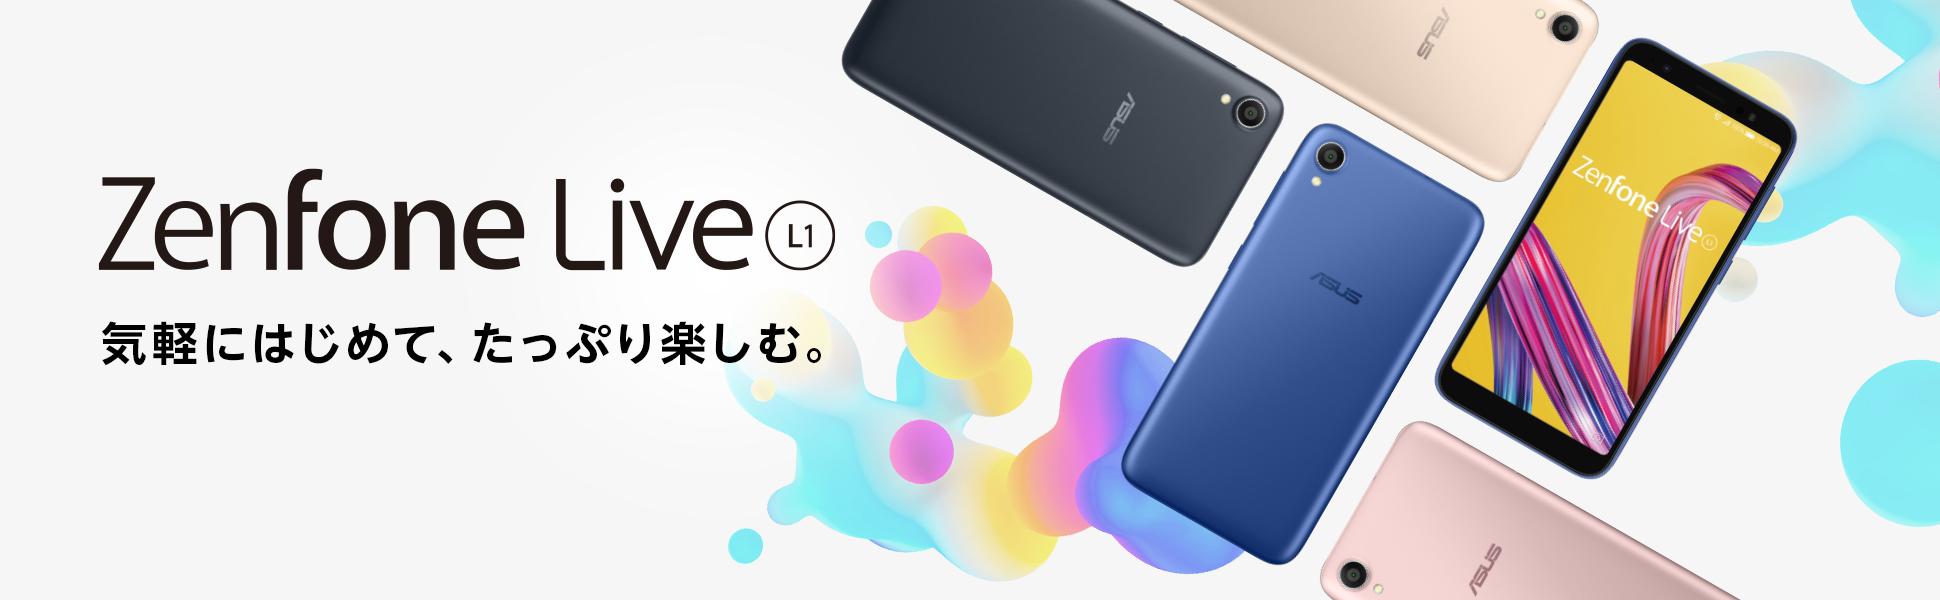 LINEモバイルでZenFone Live(L1)が発売